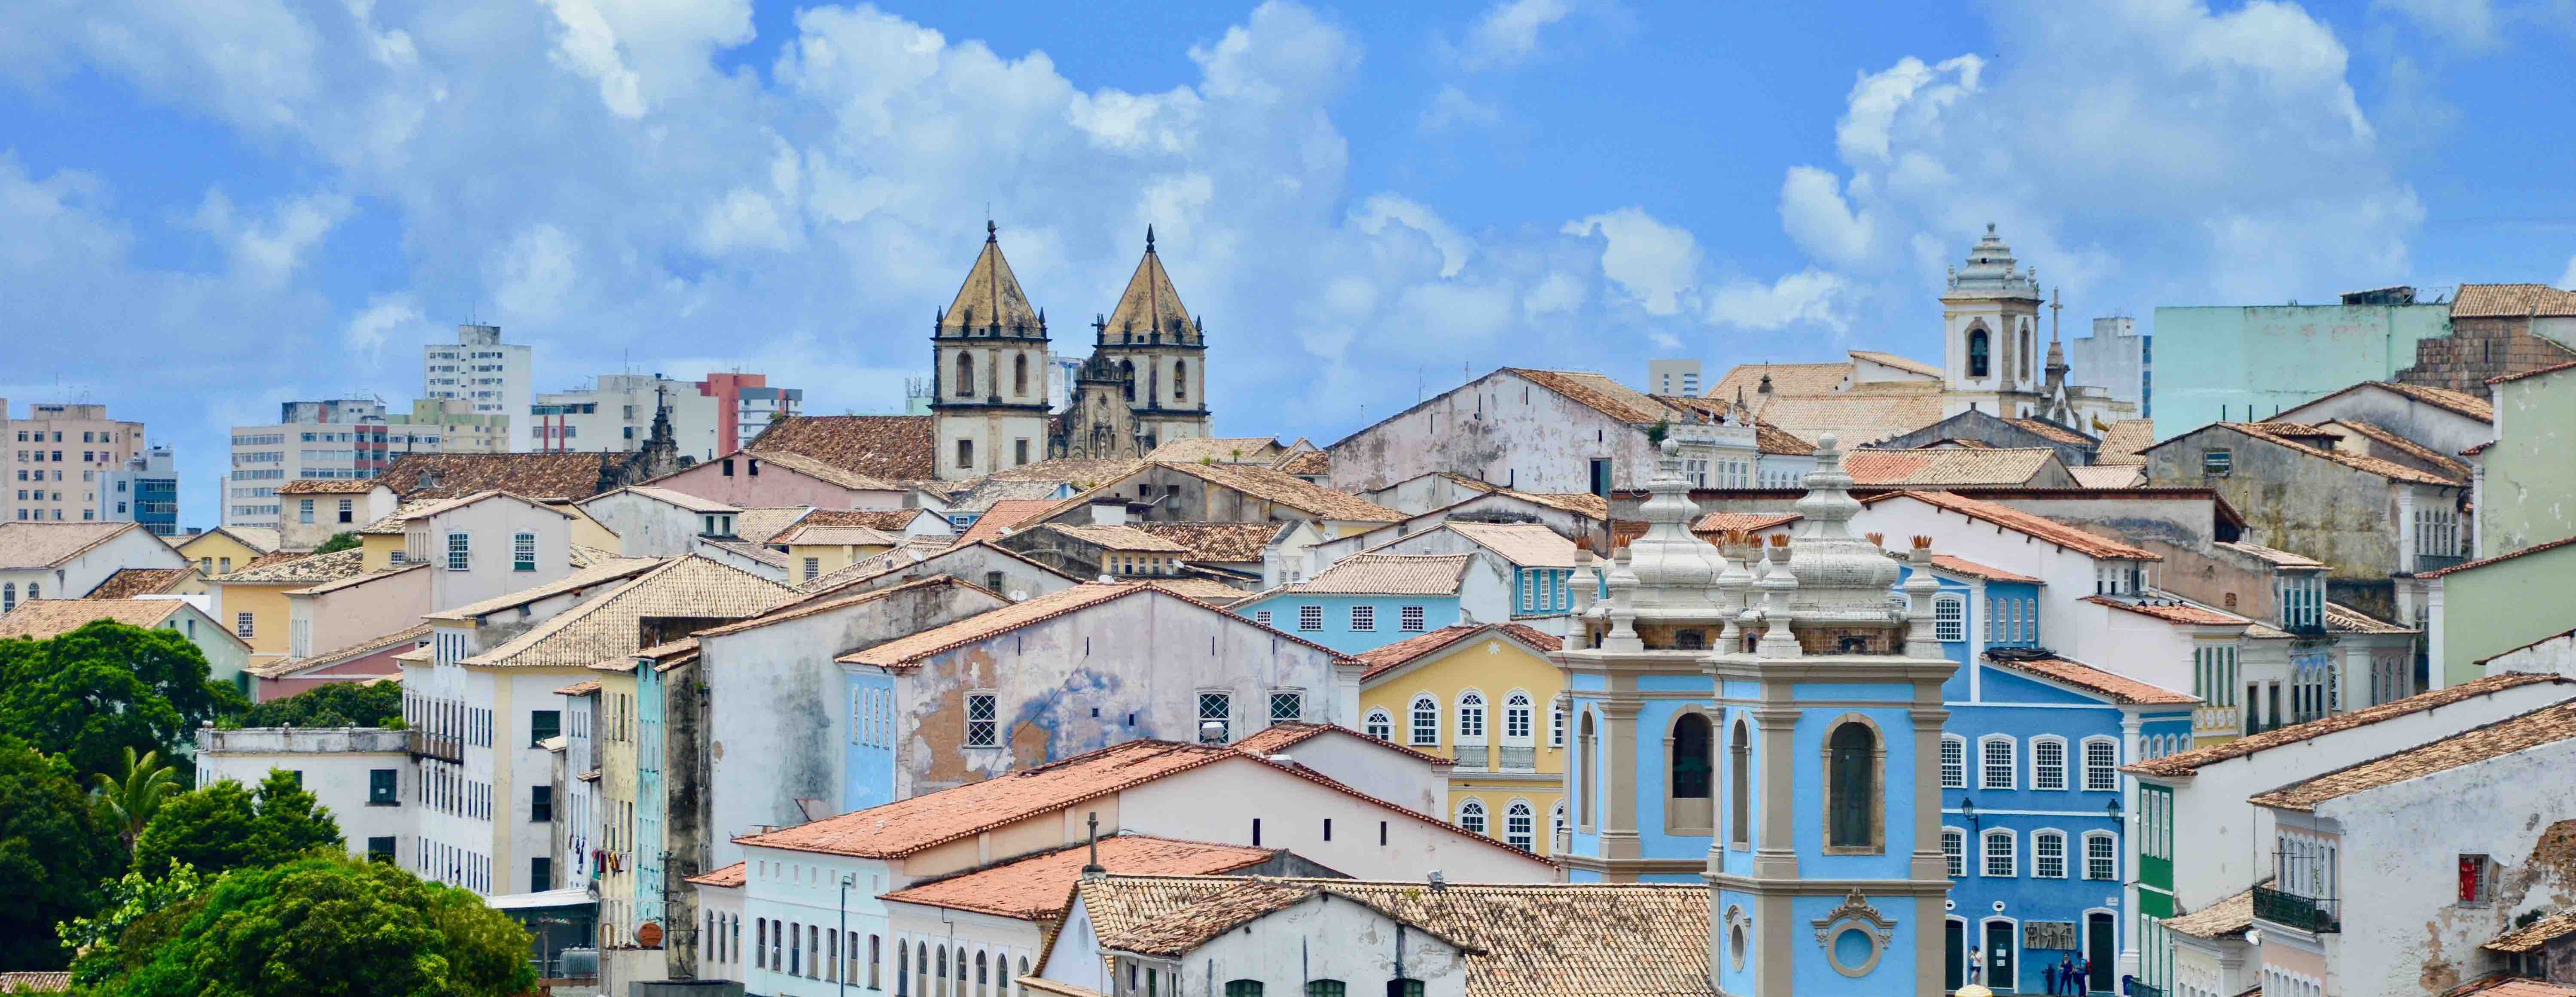 Foto de Salvador, capital da Bahia.